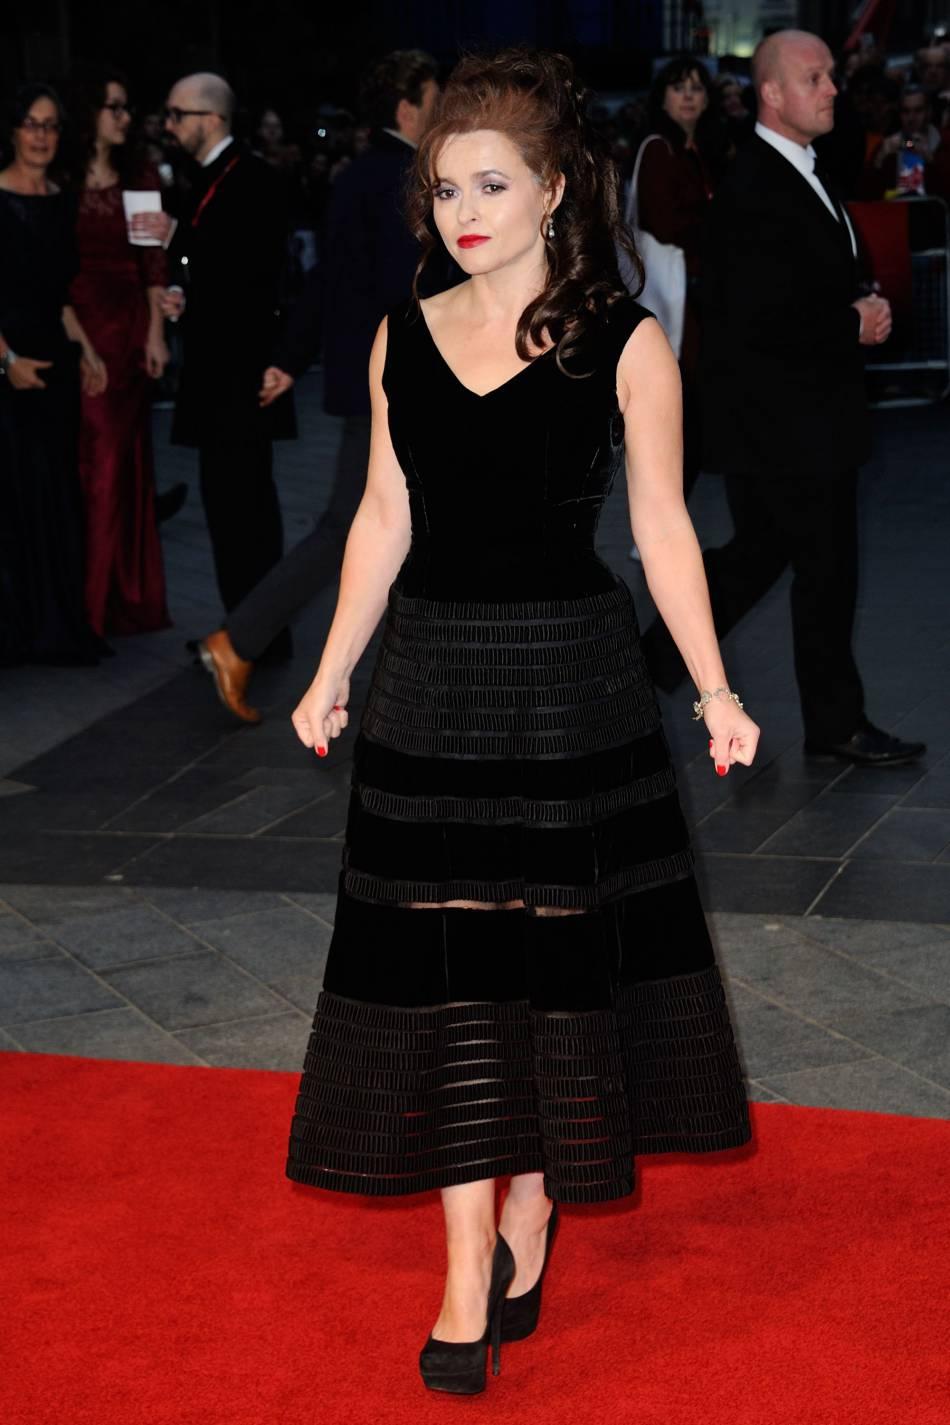 Helena Bonham, deuxième femme de ce classement, se hisse à la 26ème position avec 2,5 milliards d'euros.